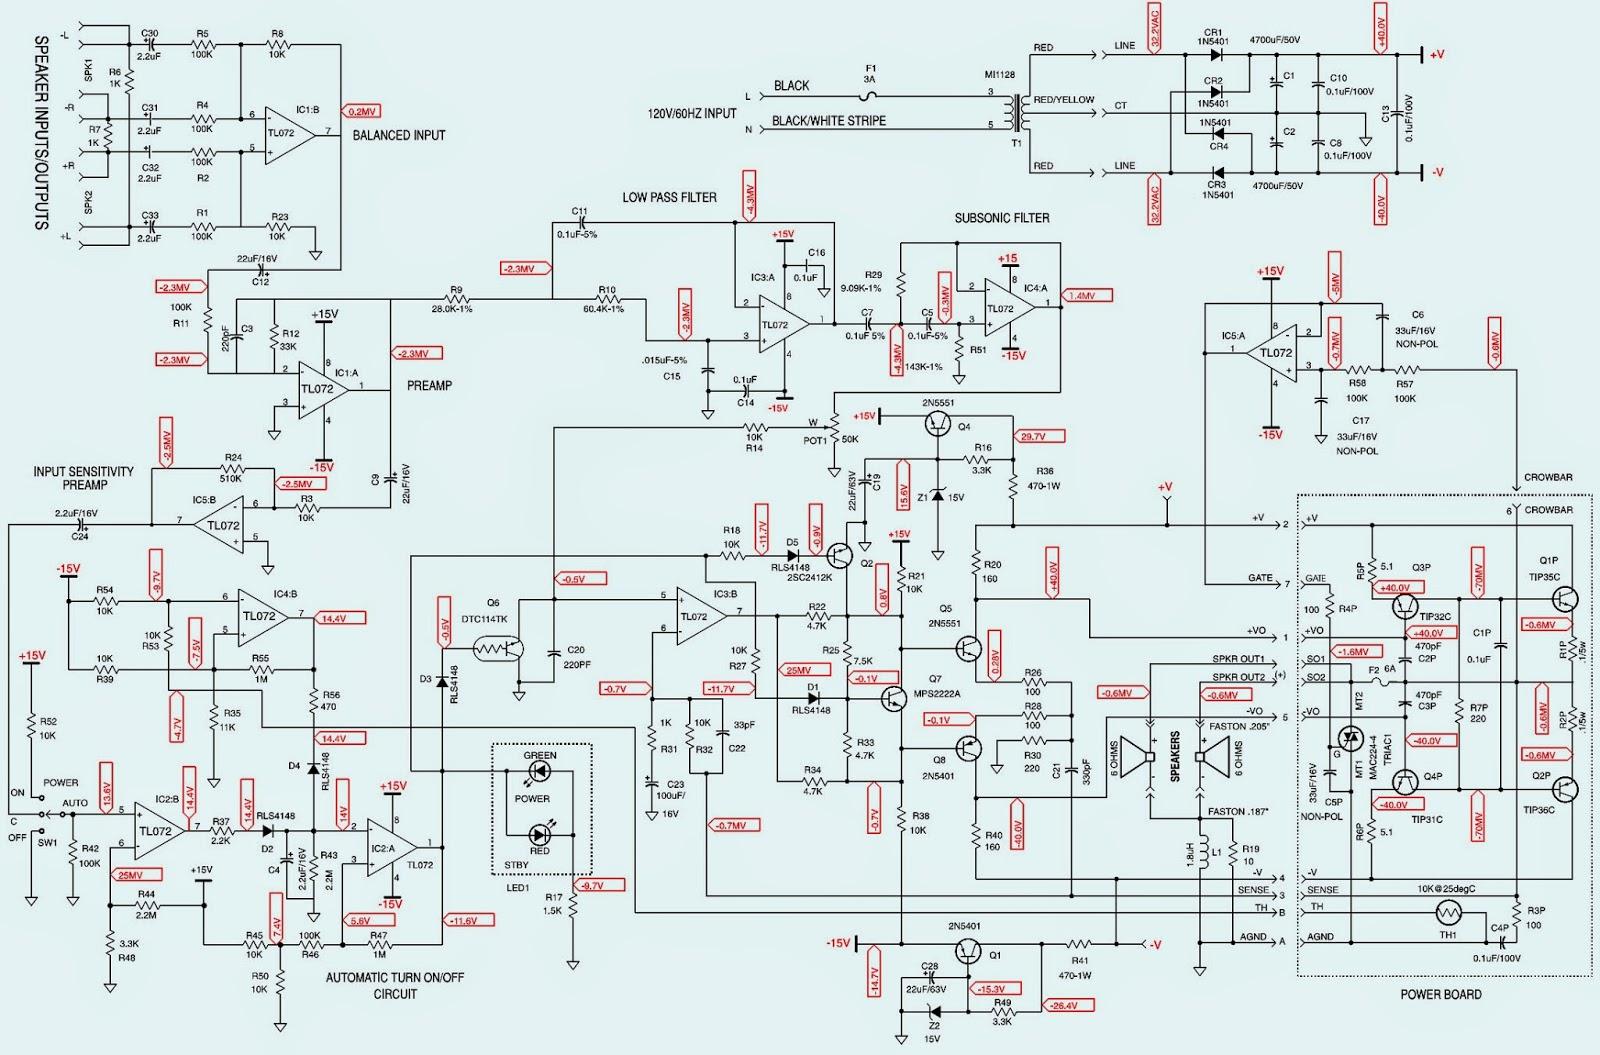 JBL BASS15 JBL BASS16 SCHEMATIC DIAGRAM Powered SubWoofer